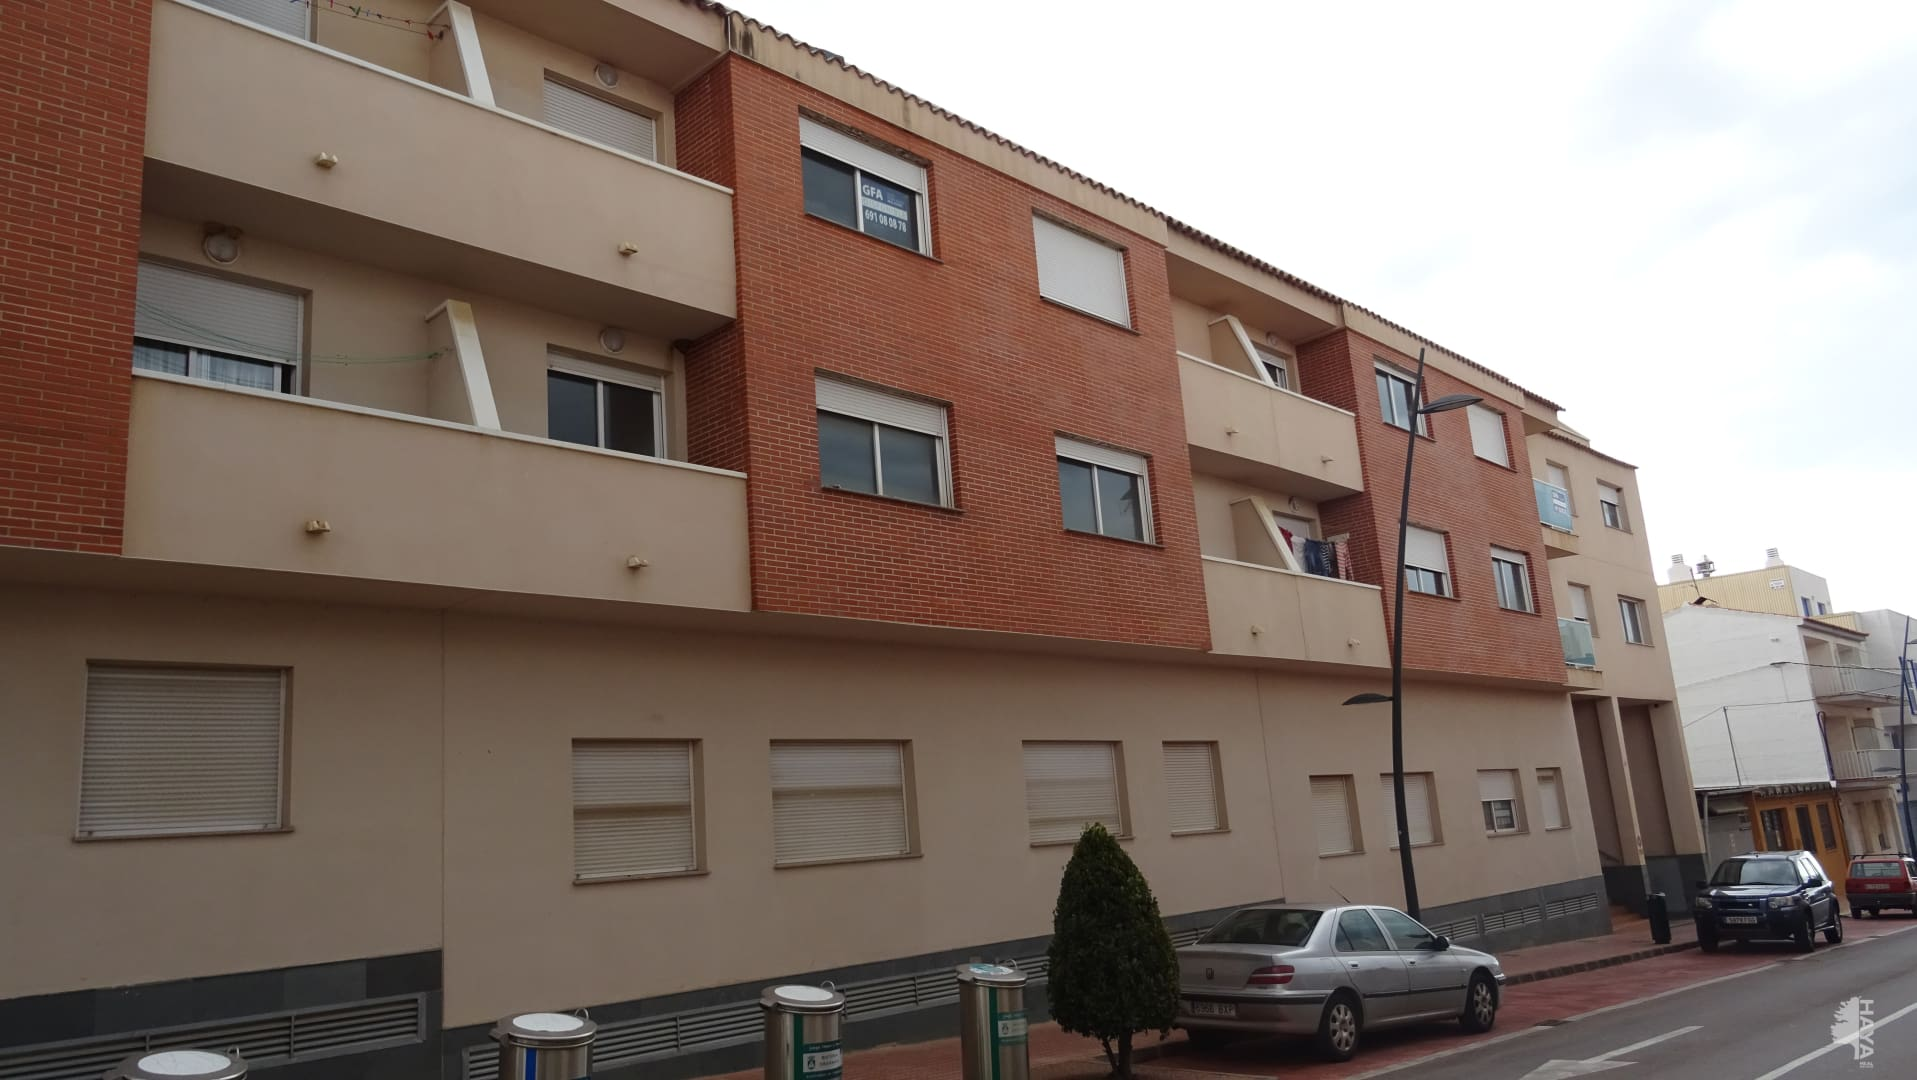 Piso en venta en Torreblanca, Castellón, Calle Colon, 67.000 €, 2 habitaciones, 2 baños, 102 m2